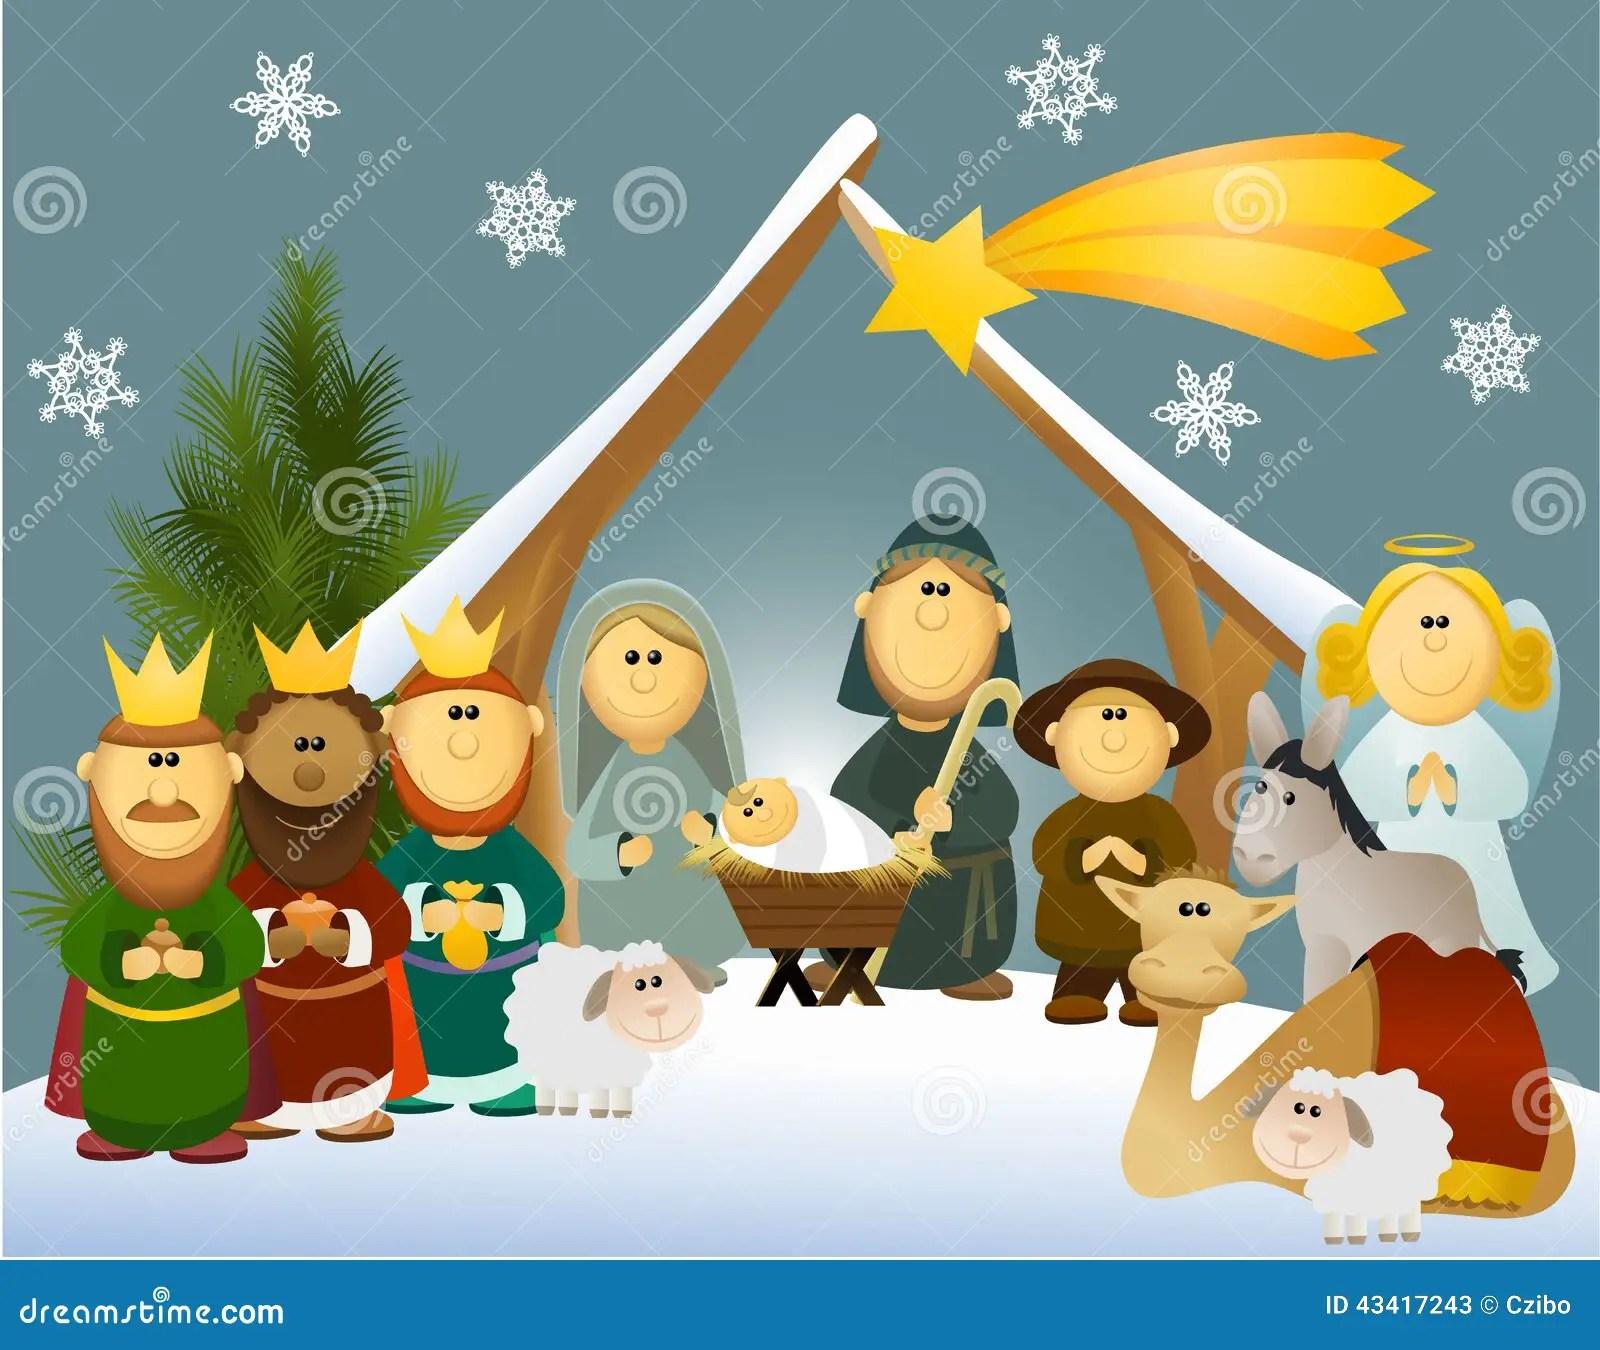 Cartoon Nativity Scene With Holy Family Stock Vector